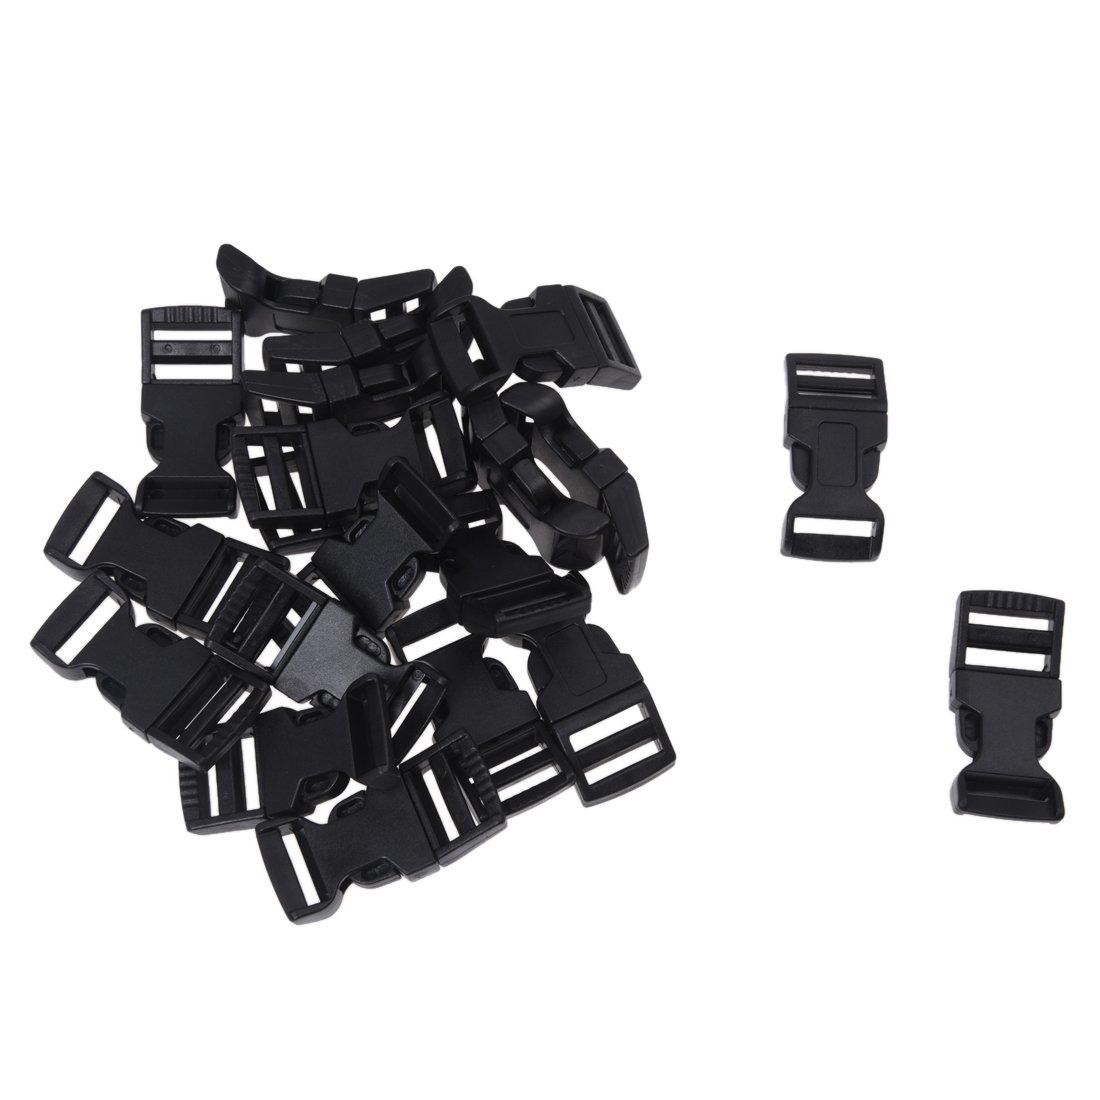 RETYLY 20 Pcs Hebillas plasticas del Lanzamiento de Lado Curvo para Cintas 15 mm